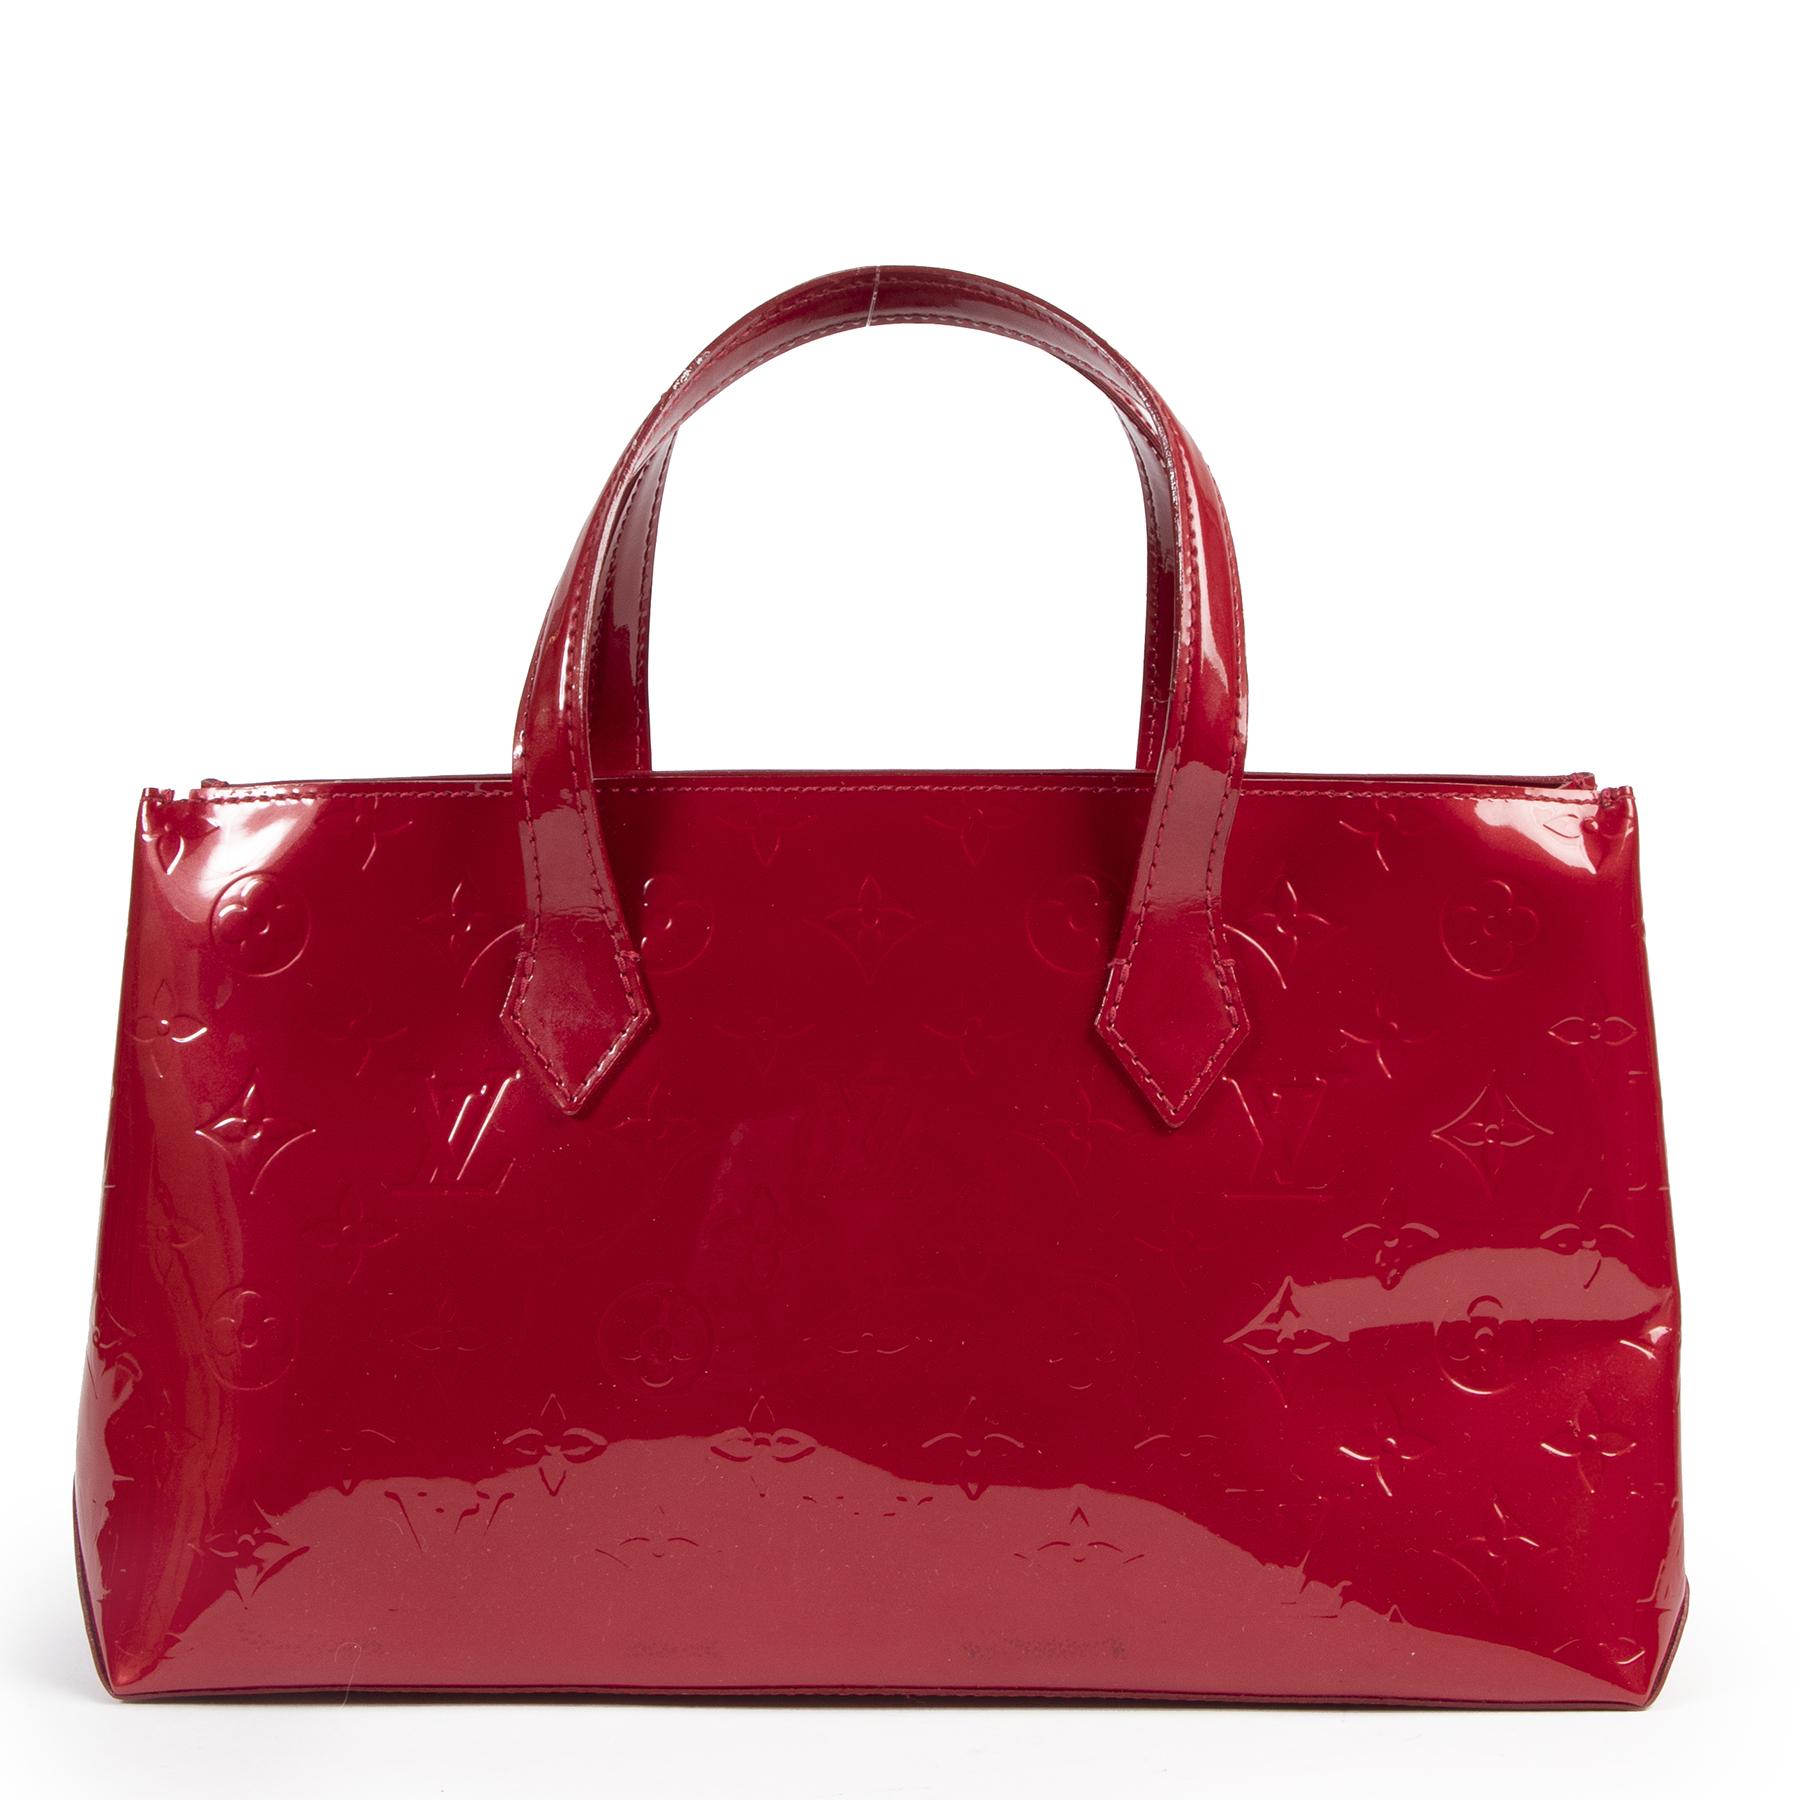 Authentieke Tweedehands Louis Vuitton Red Monogram Vernis Wilshire Bag juiste prijs veilig online shoppen luxe merken webshop winkelen Antwerpen België mode fashion